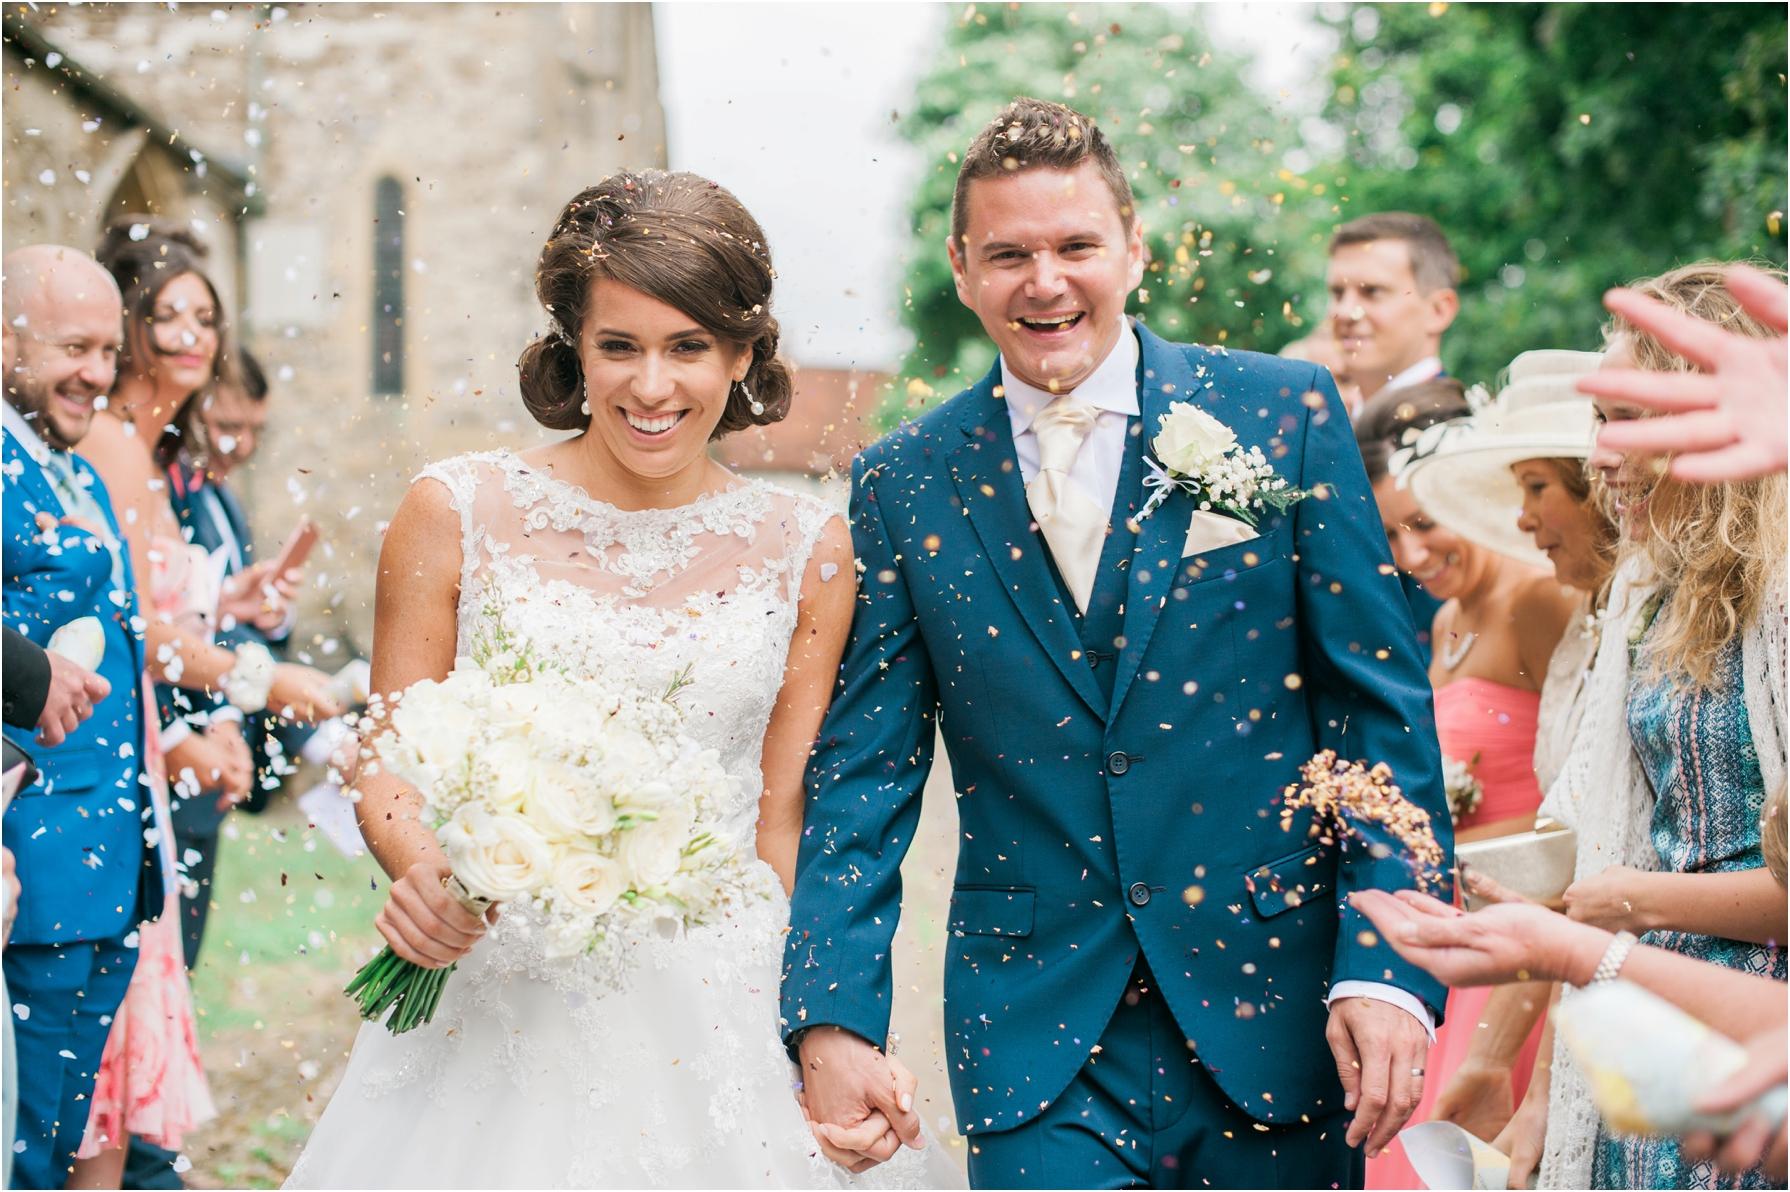 bride and groom confetti shots